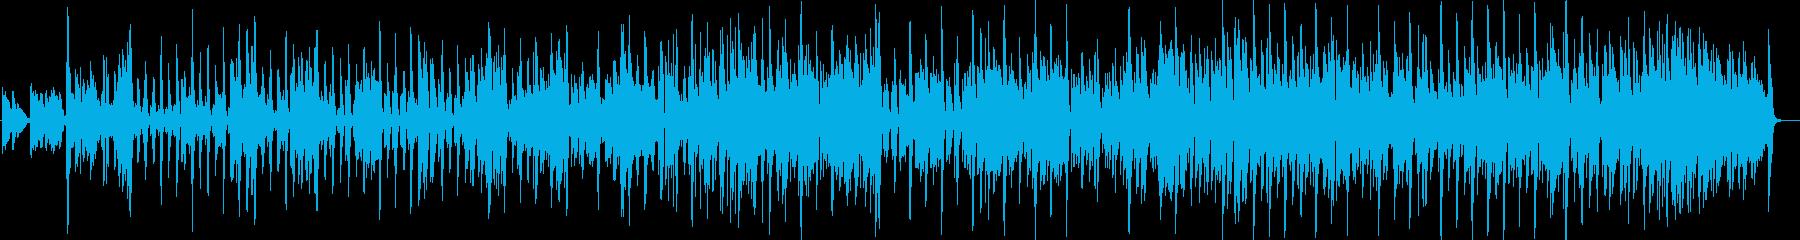 ブルージー・バンド、クリーン・ブル...の再生済みの波形